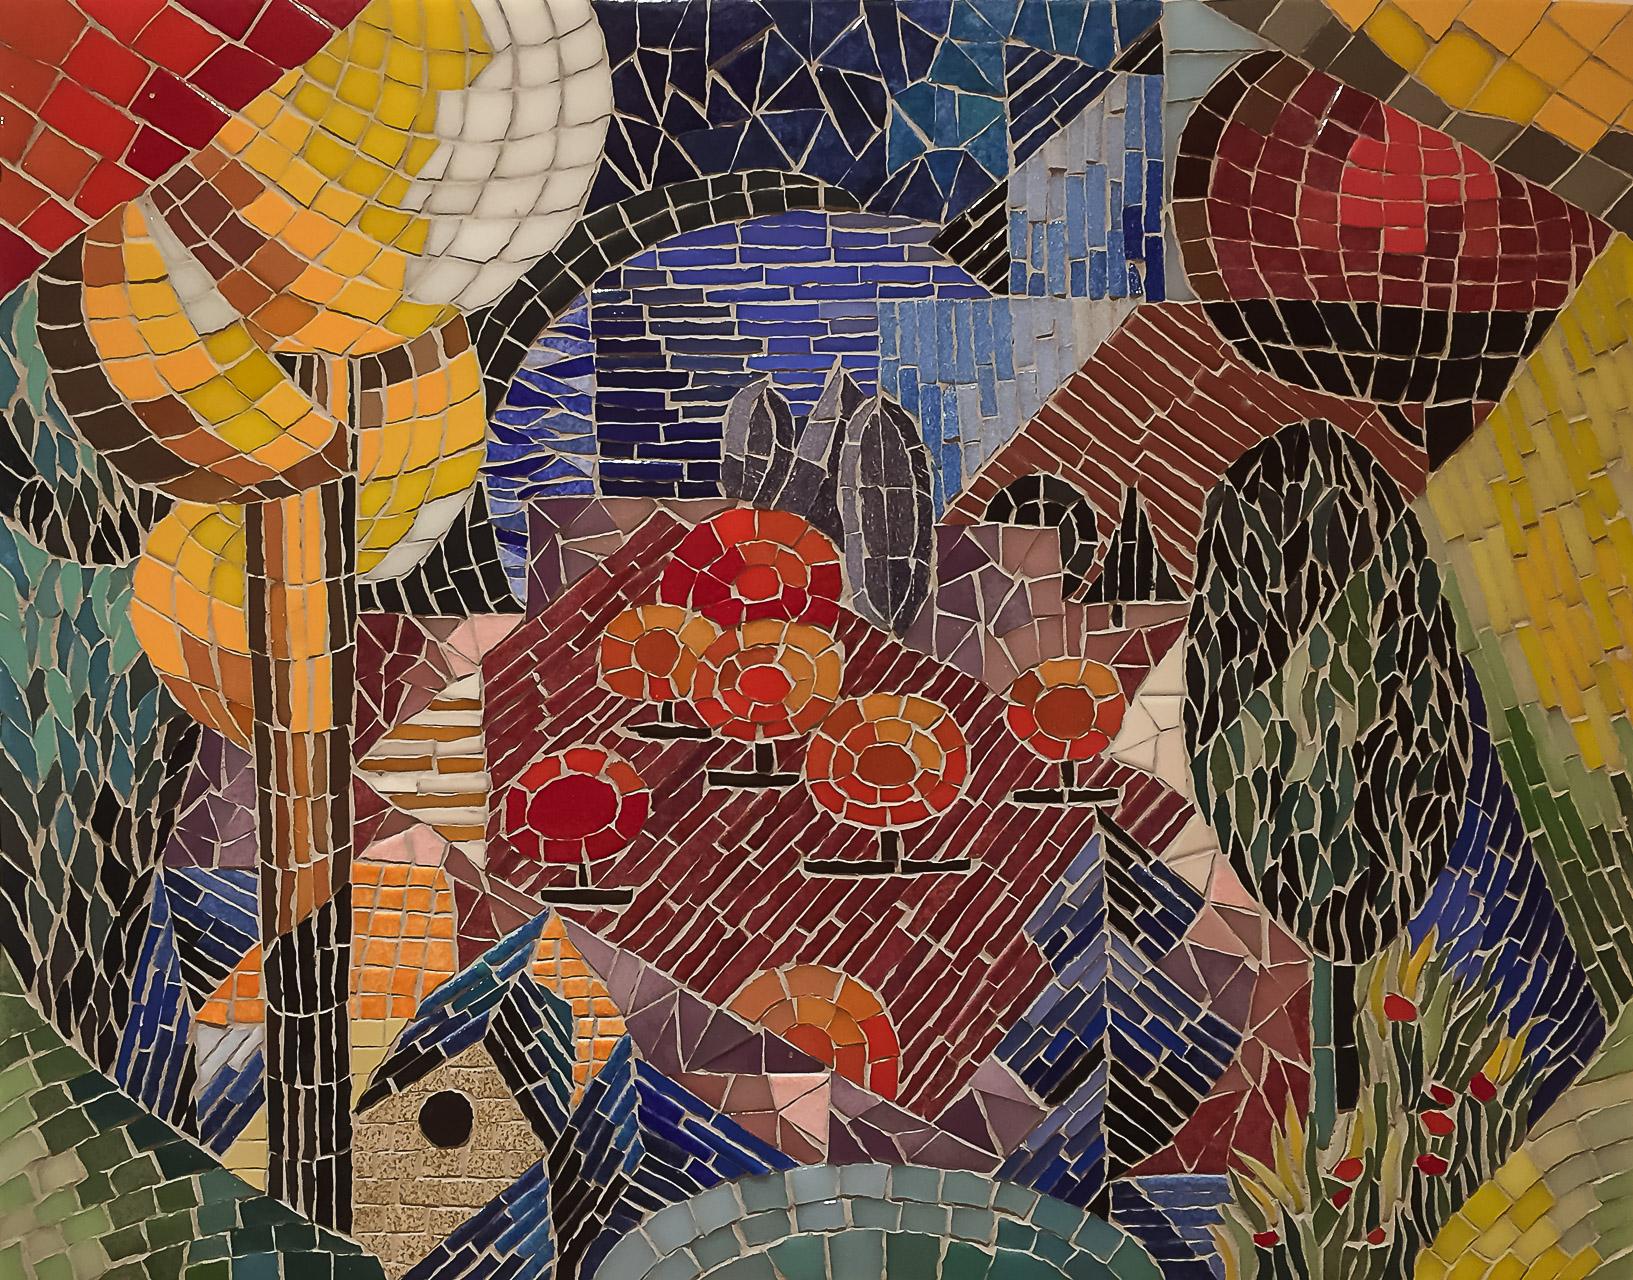 D'après Paysage (Landscape) (huile sur toile, 1912-1914?) de Jean Metzinger, The Museum of Modern Art, New York